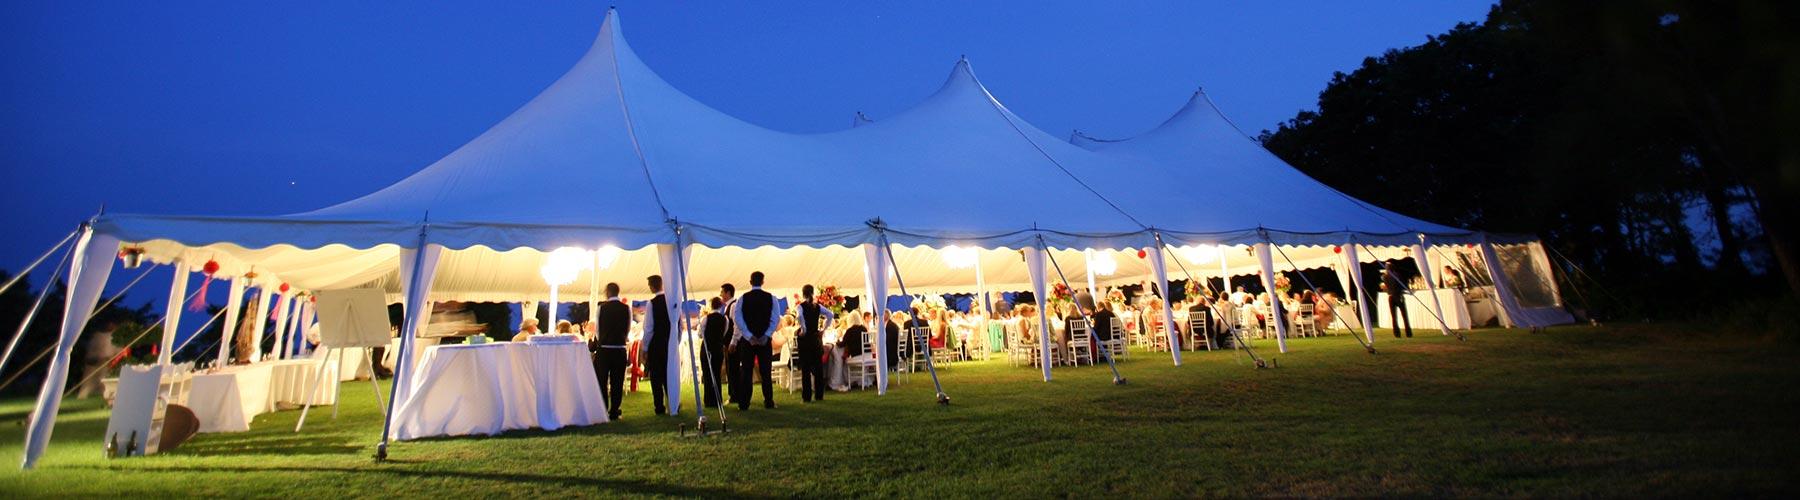 Wedding Tent Renatls Abc Fabulous Events Party Rentals